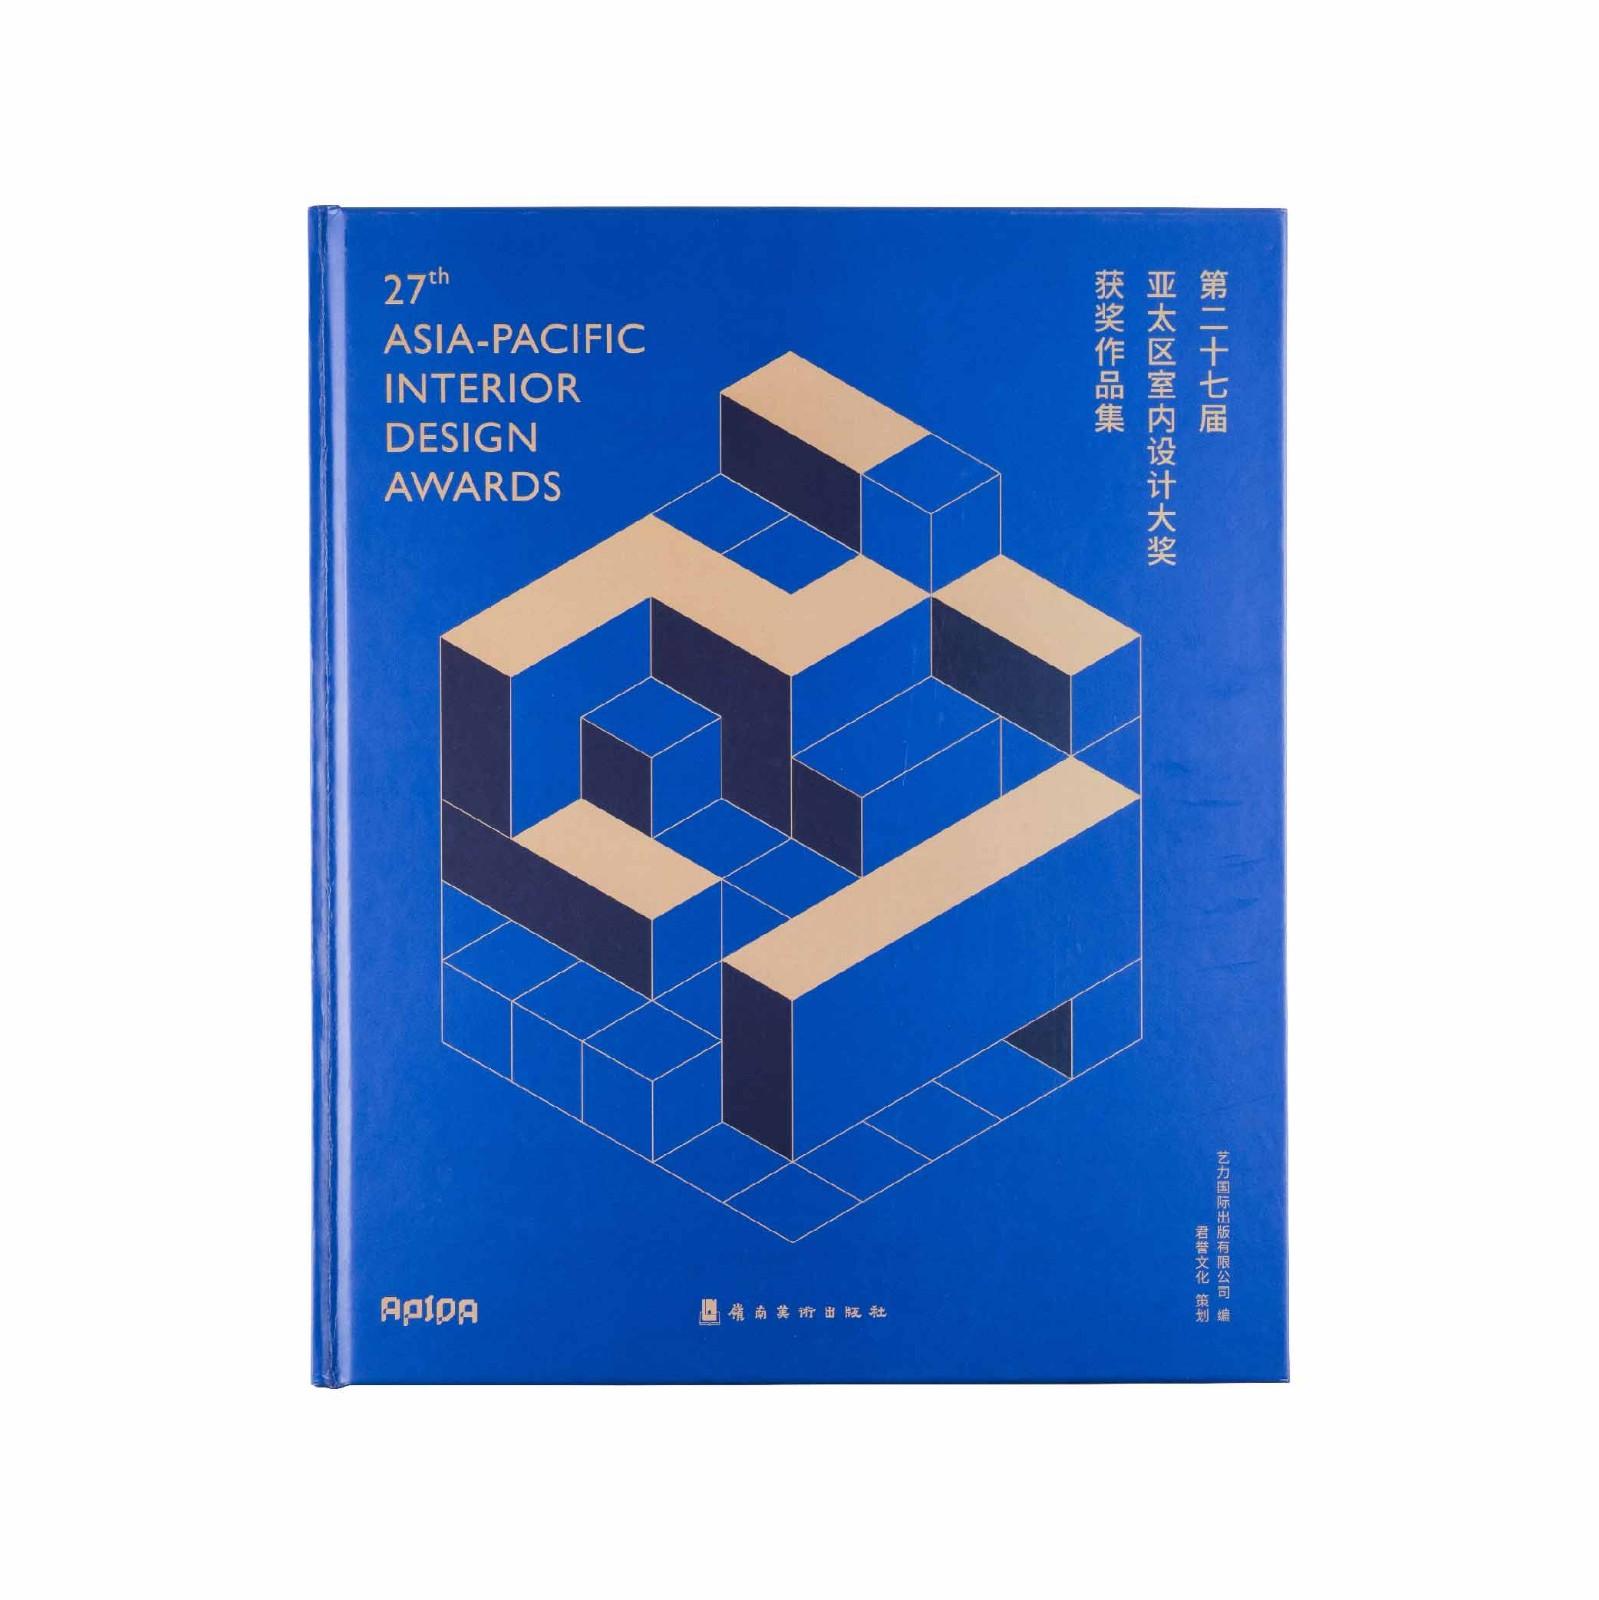 第二十七届亚太区室内设计大奖获奖作品集(中文版)